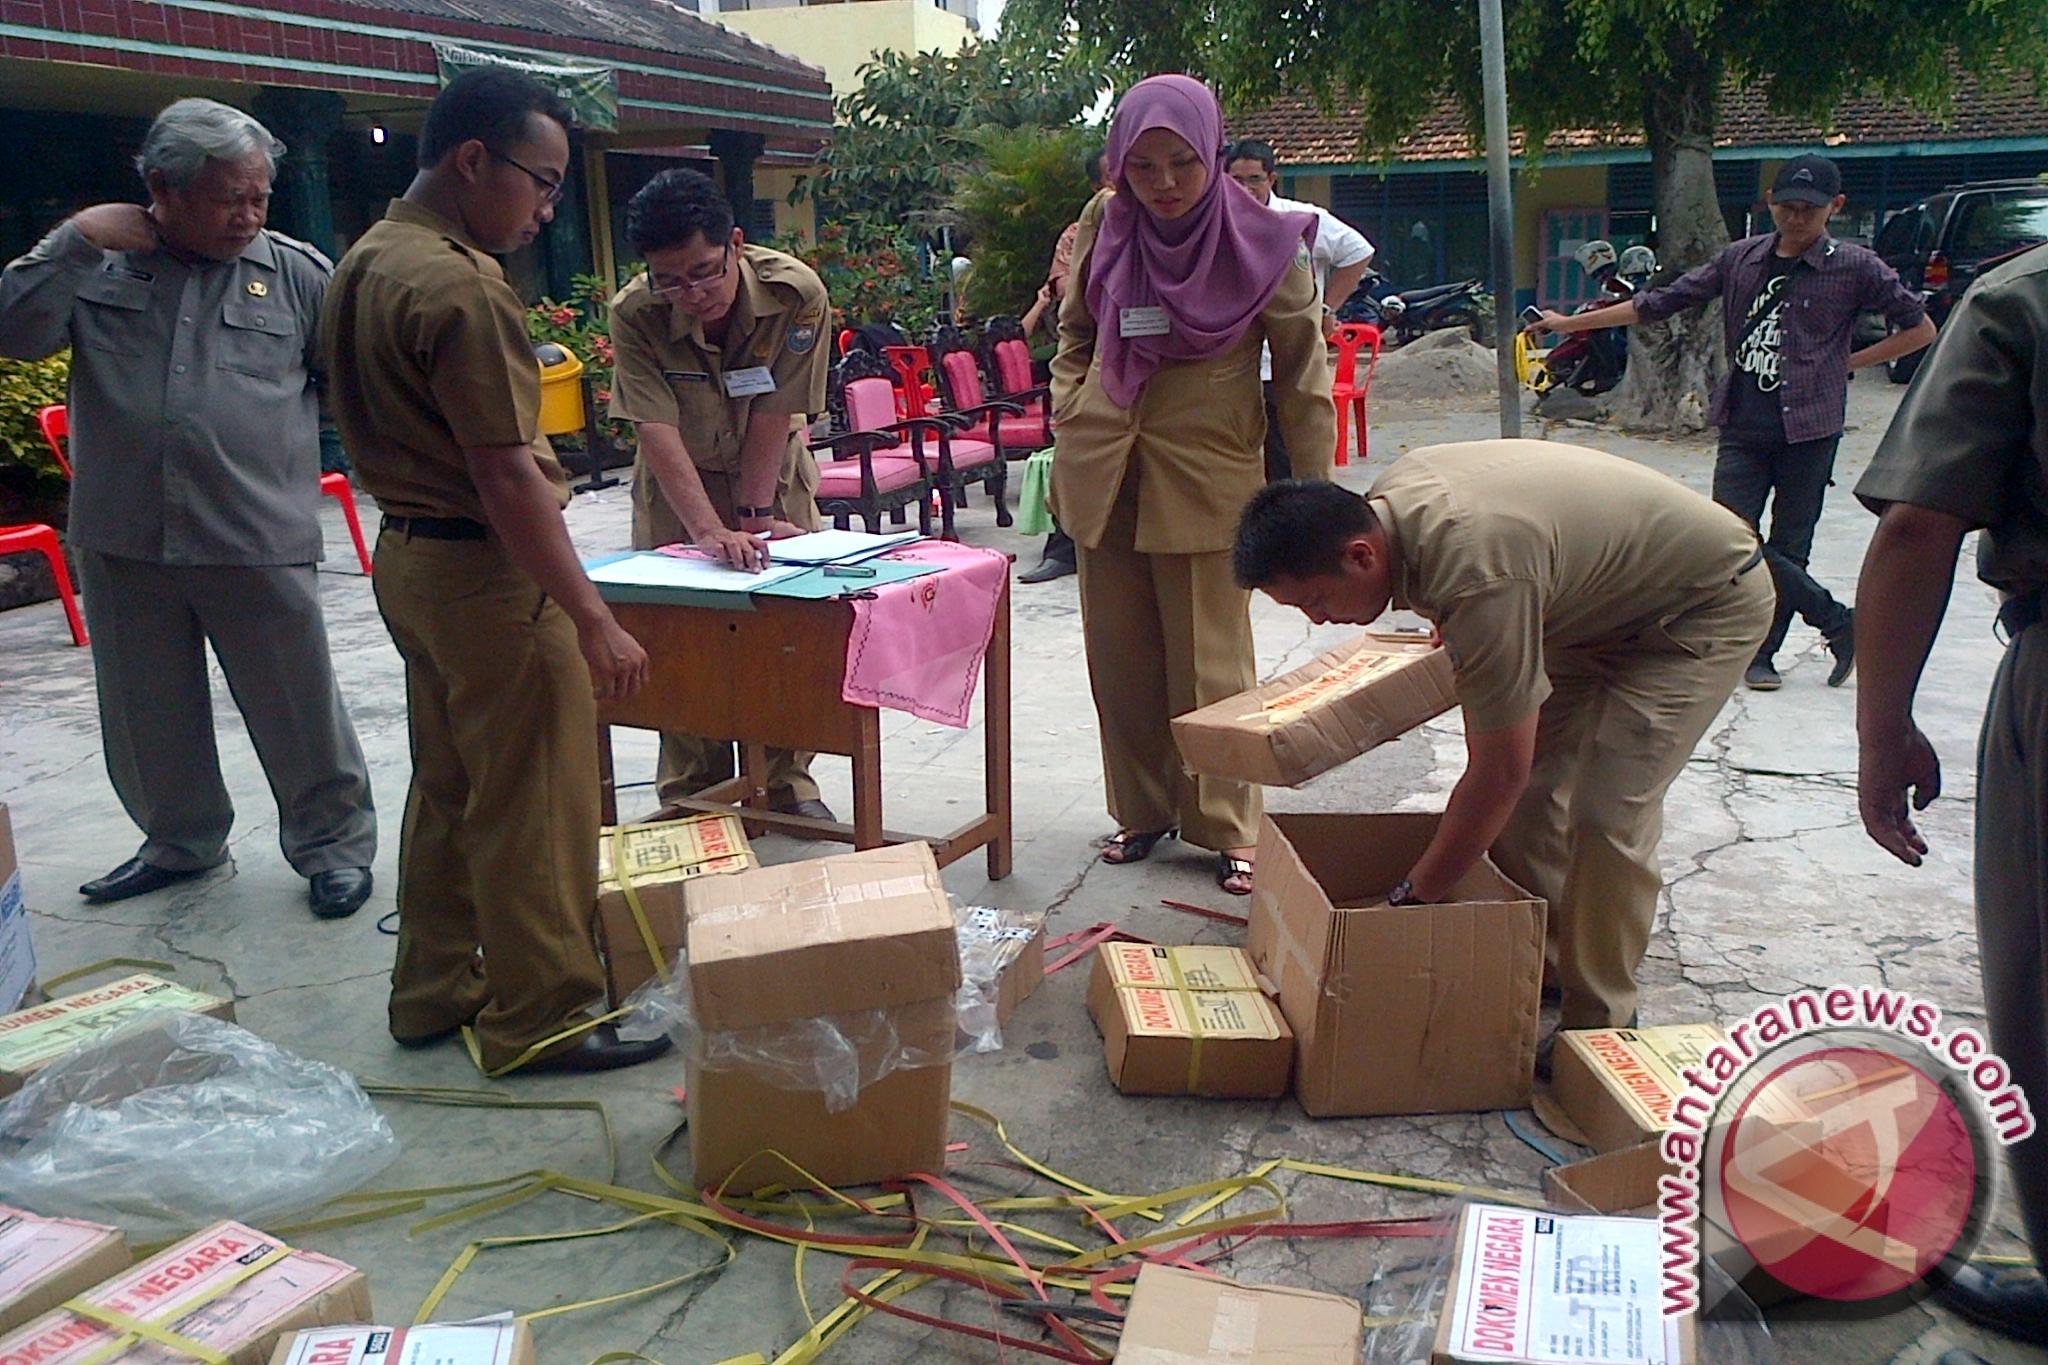 Pelaksanaan Tes Cpns Oku Tertunda Dua Jam Antara News Sumatera Selatan Antara News Sumatera